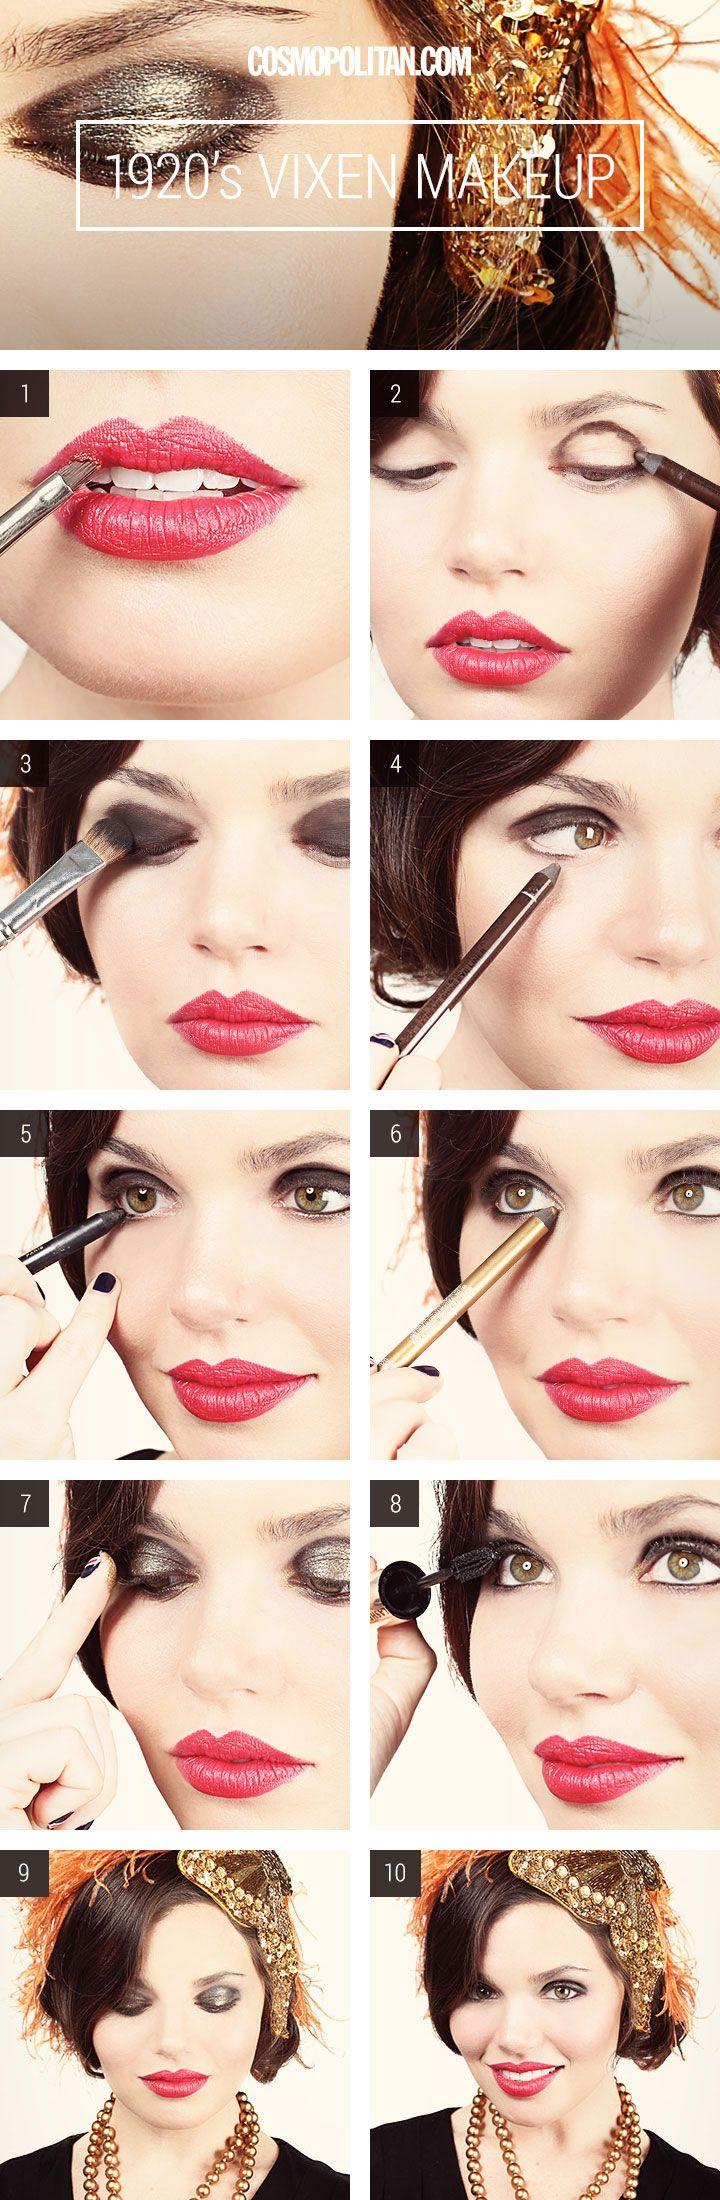 20-luvun meikki